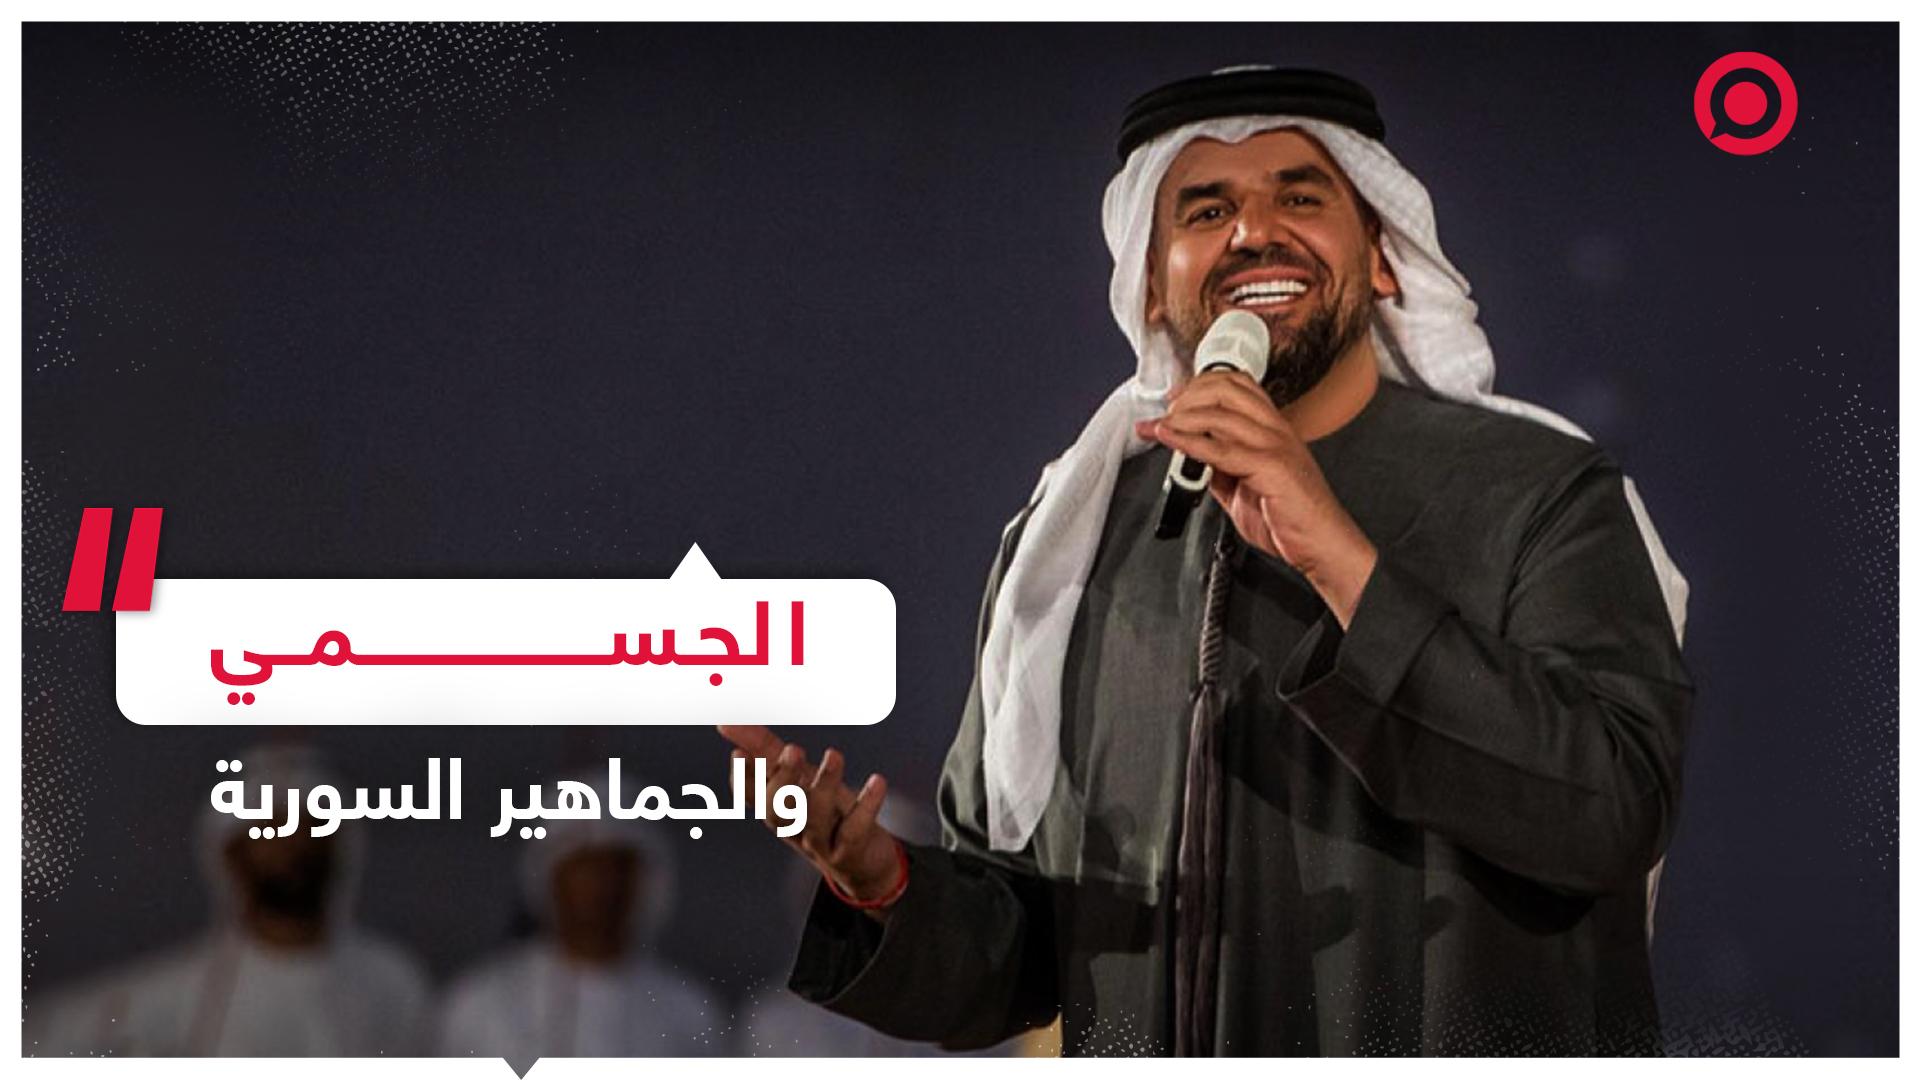 #الجسمي #مباراة #سوريا